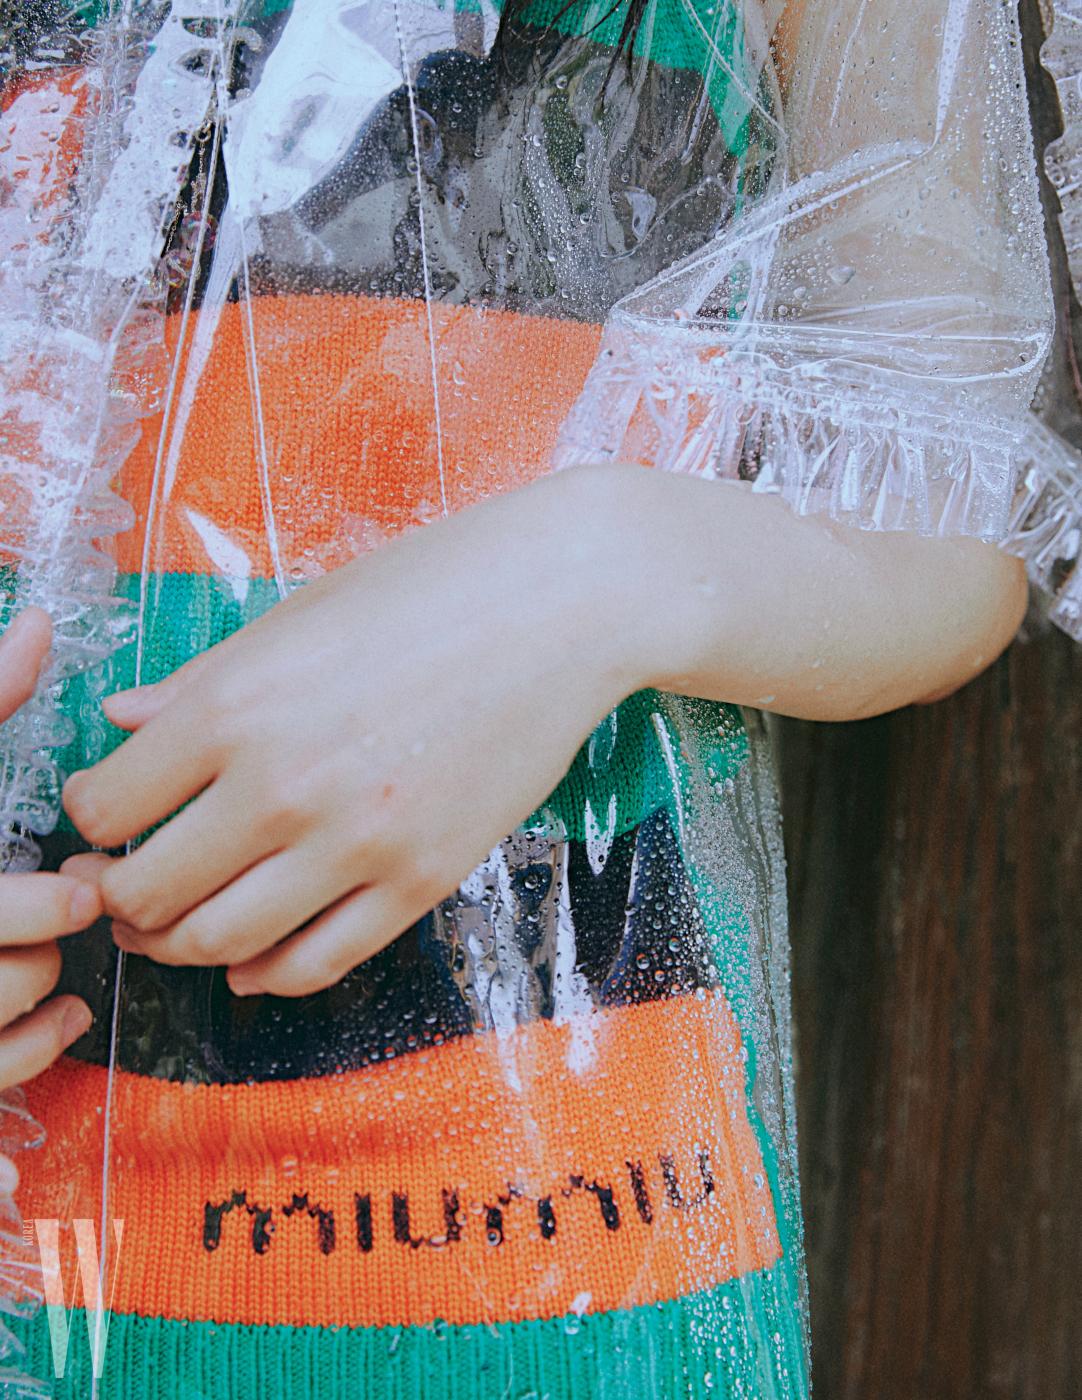 러플 장식의 투명 PVC 케이프는 샤넬, 니트 소재의 배색 슬리브리스는 미우미우 제품.